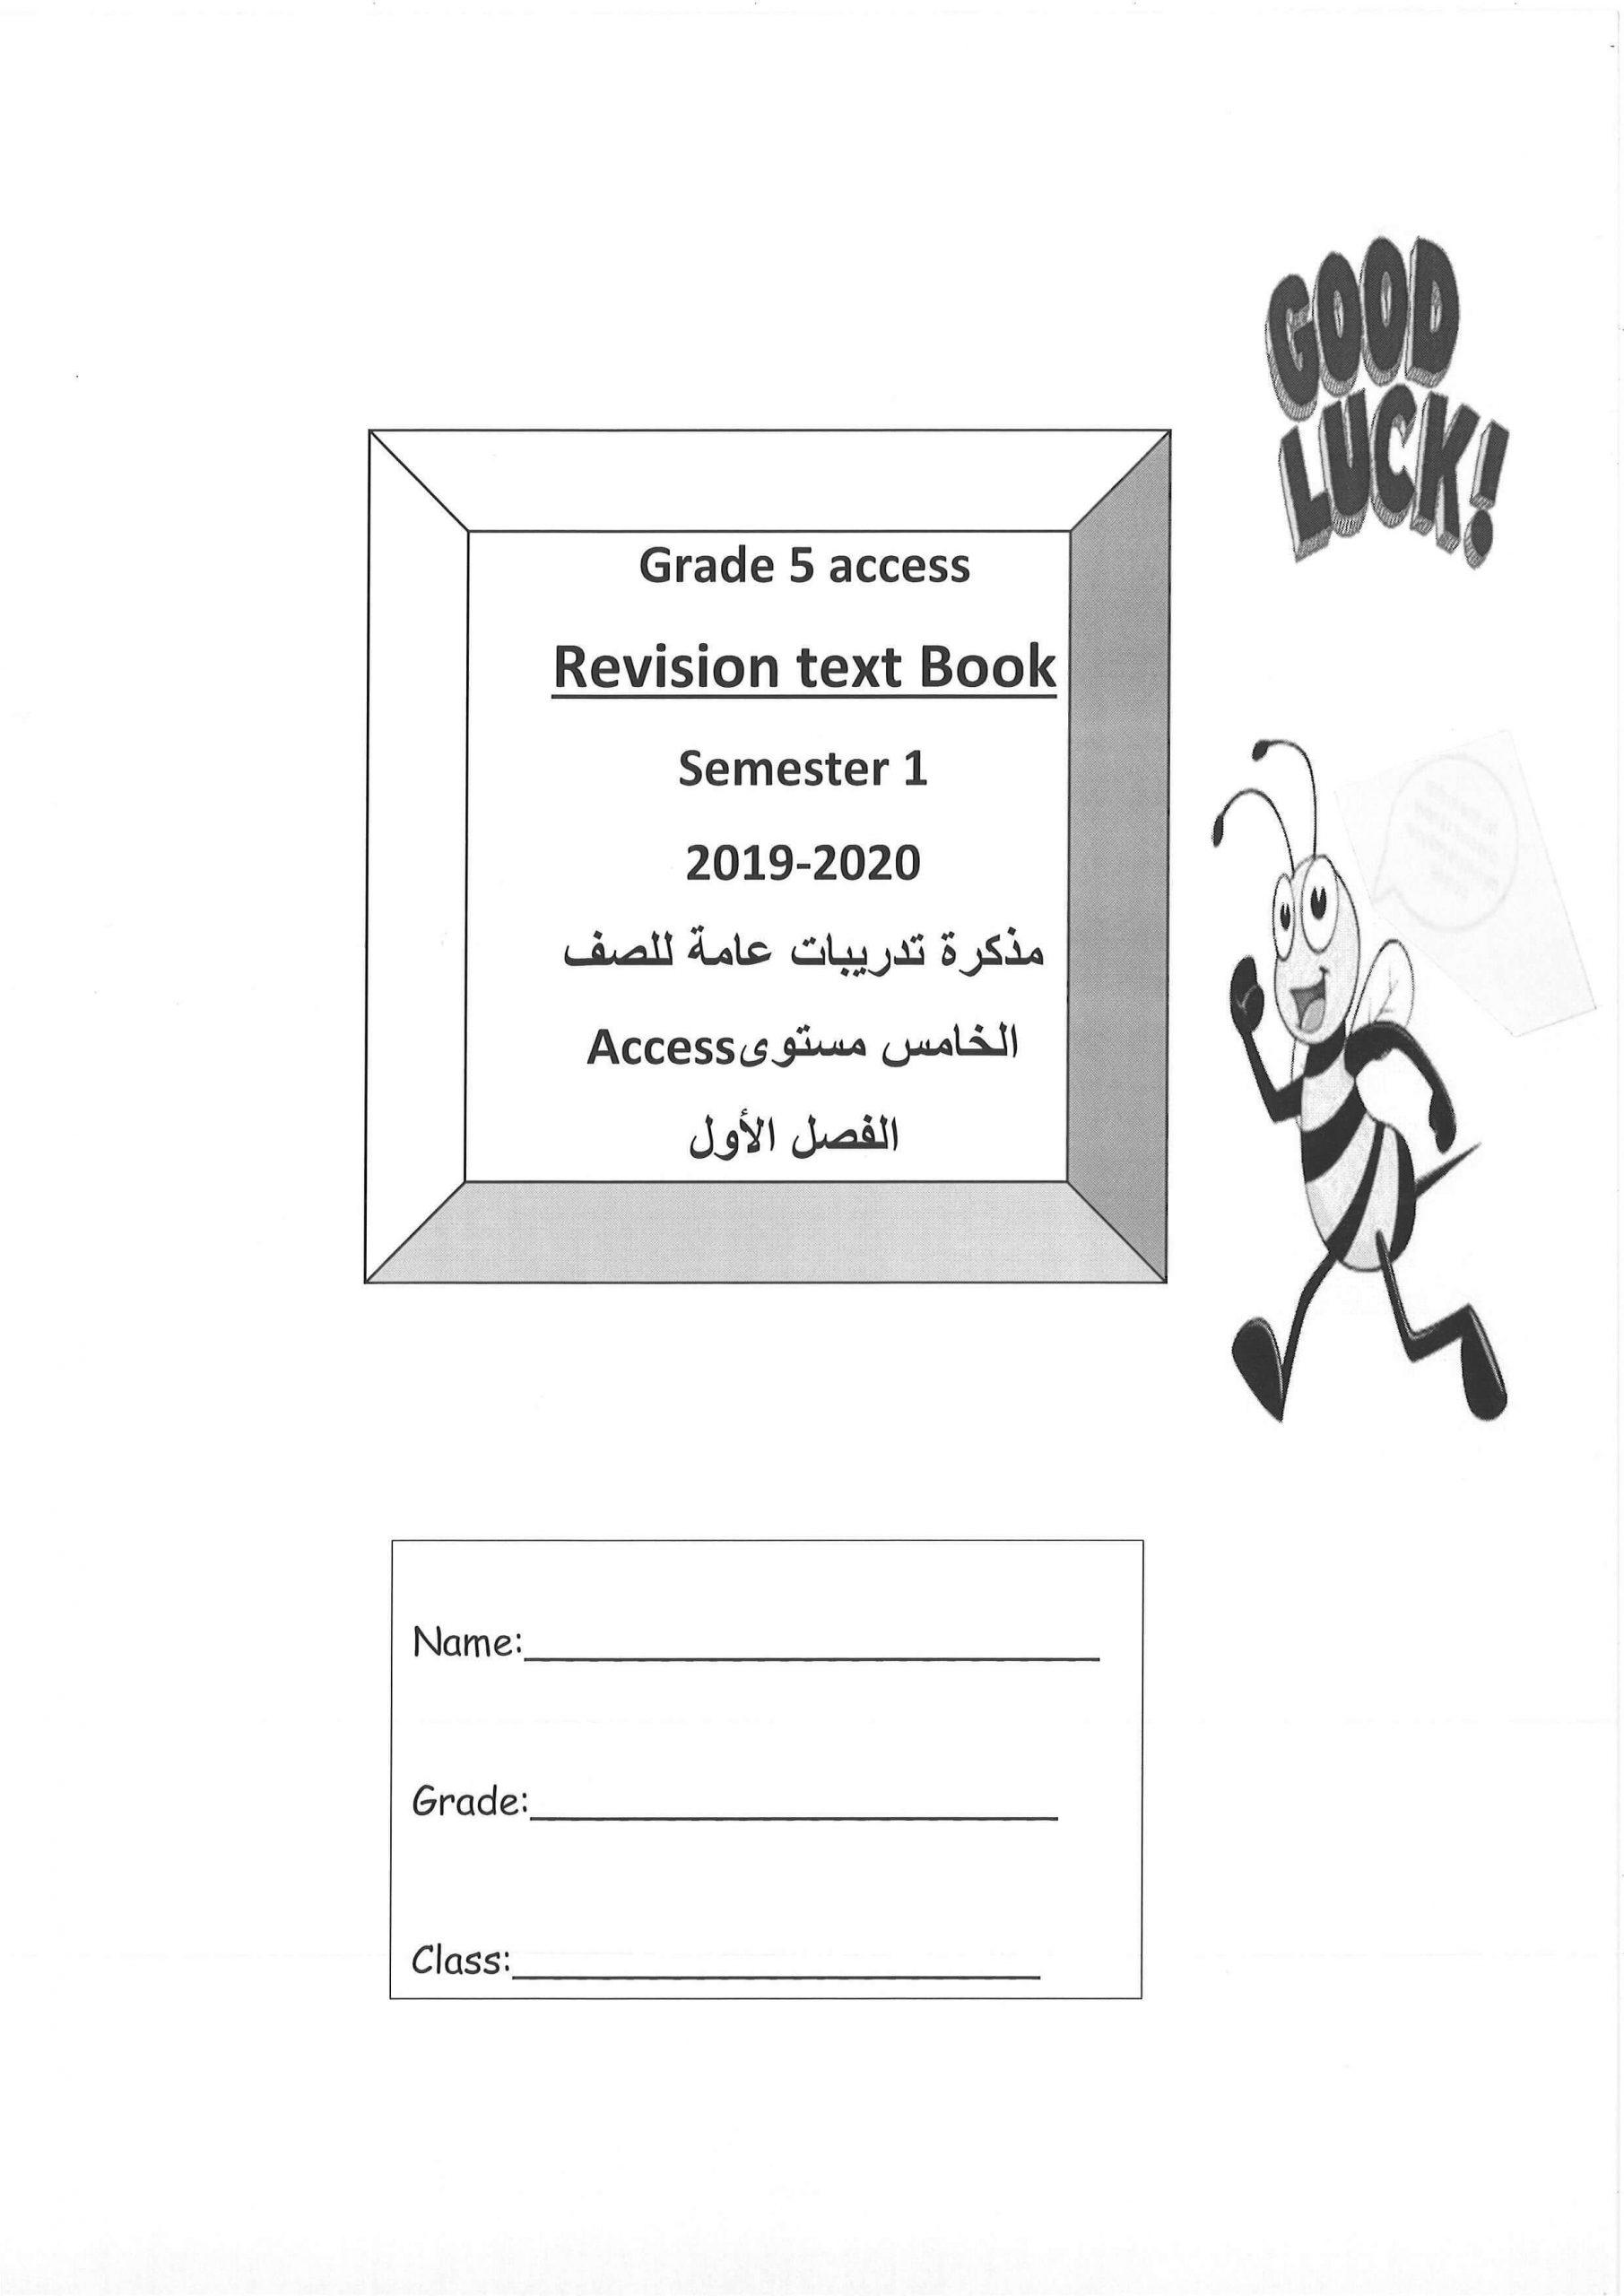 مذكرة مراجعة و تدريبات عامة الصف الخامس مادة اللغة الانجليزية